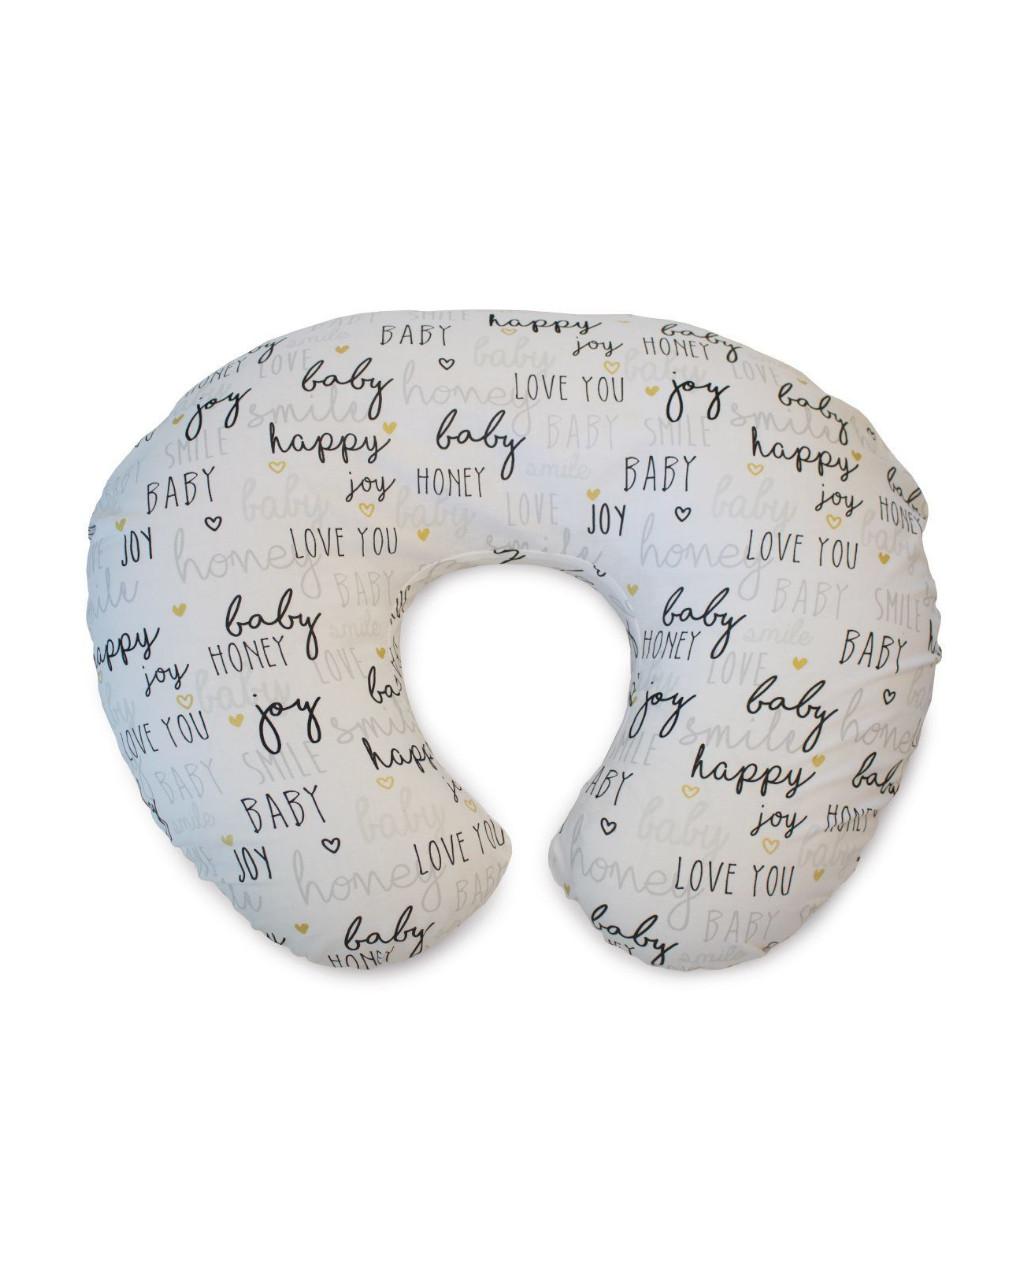 Boppy - olá, almofada de amamentação do bebê - Boppy